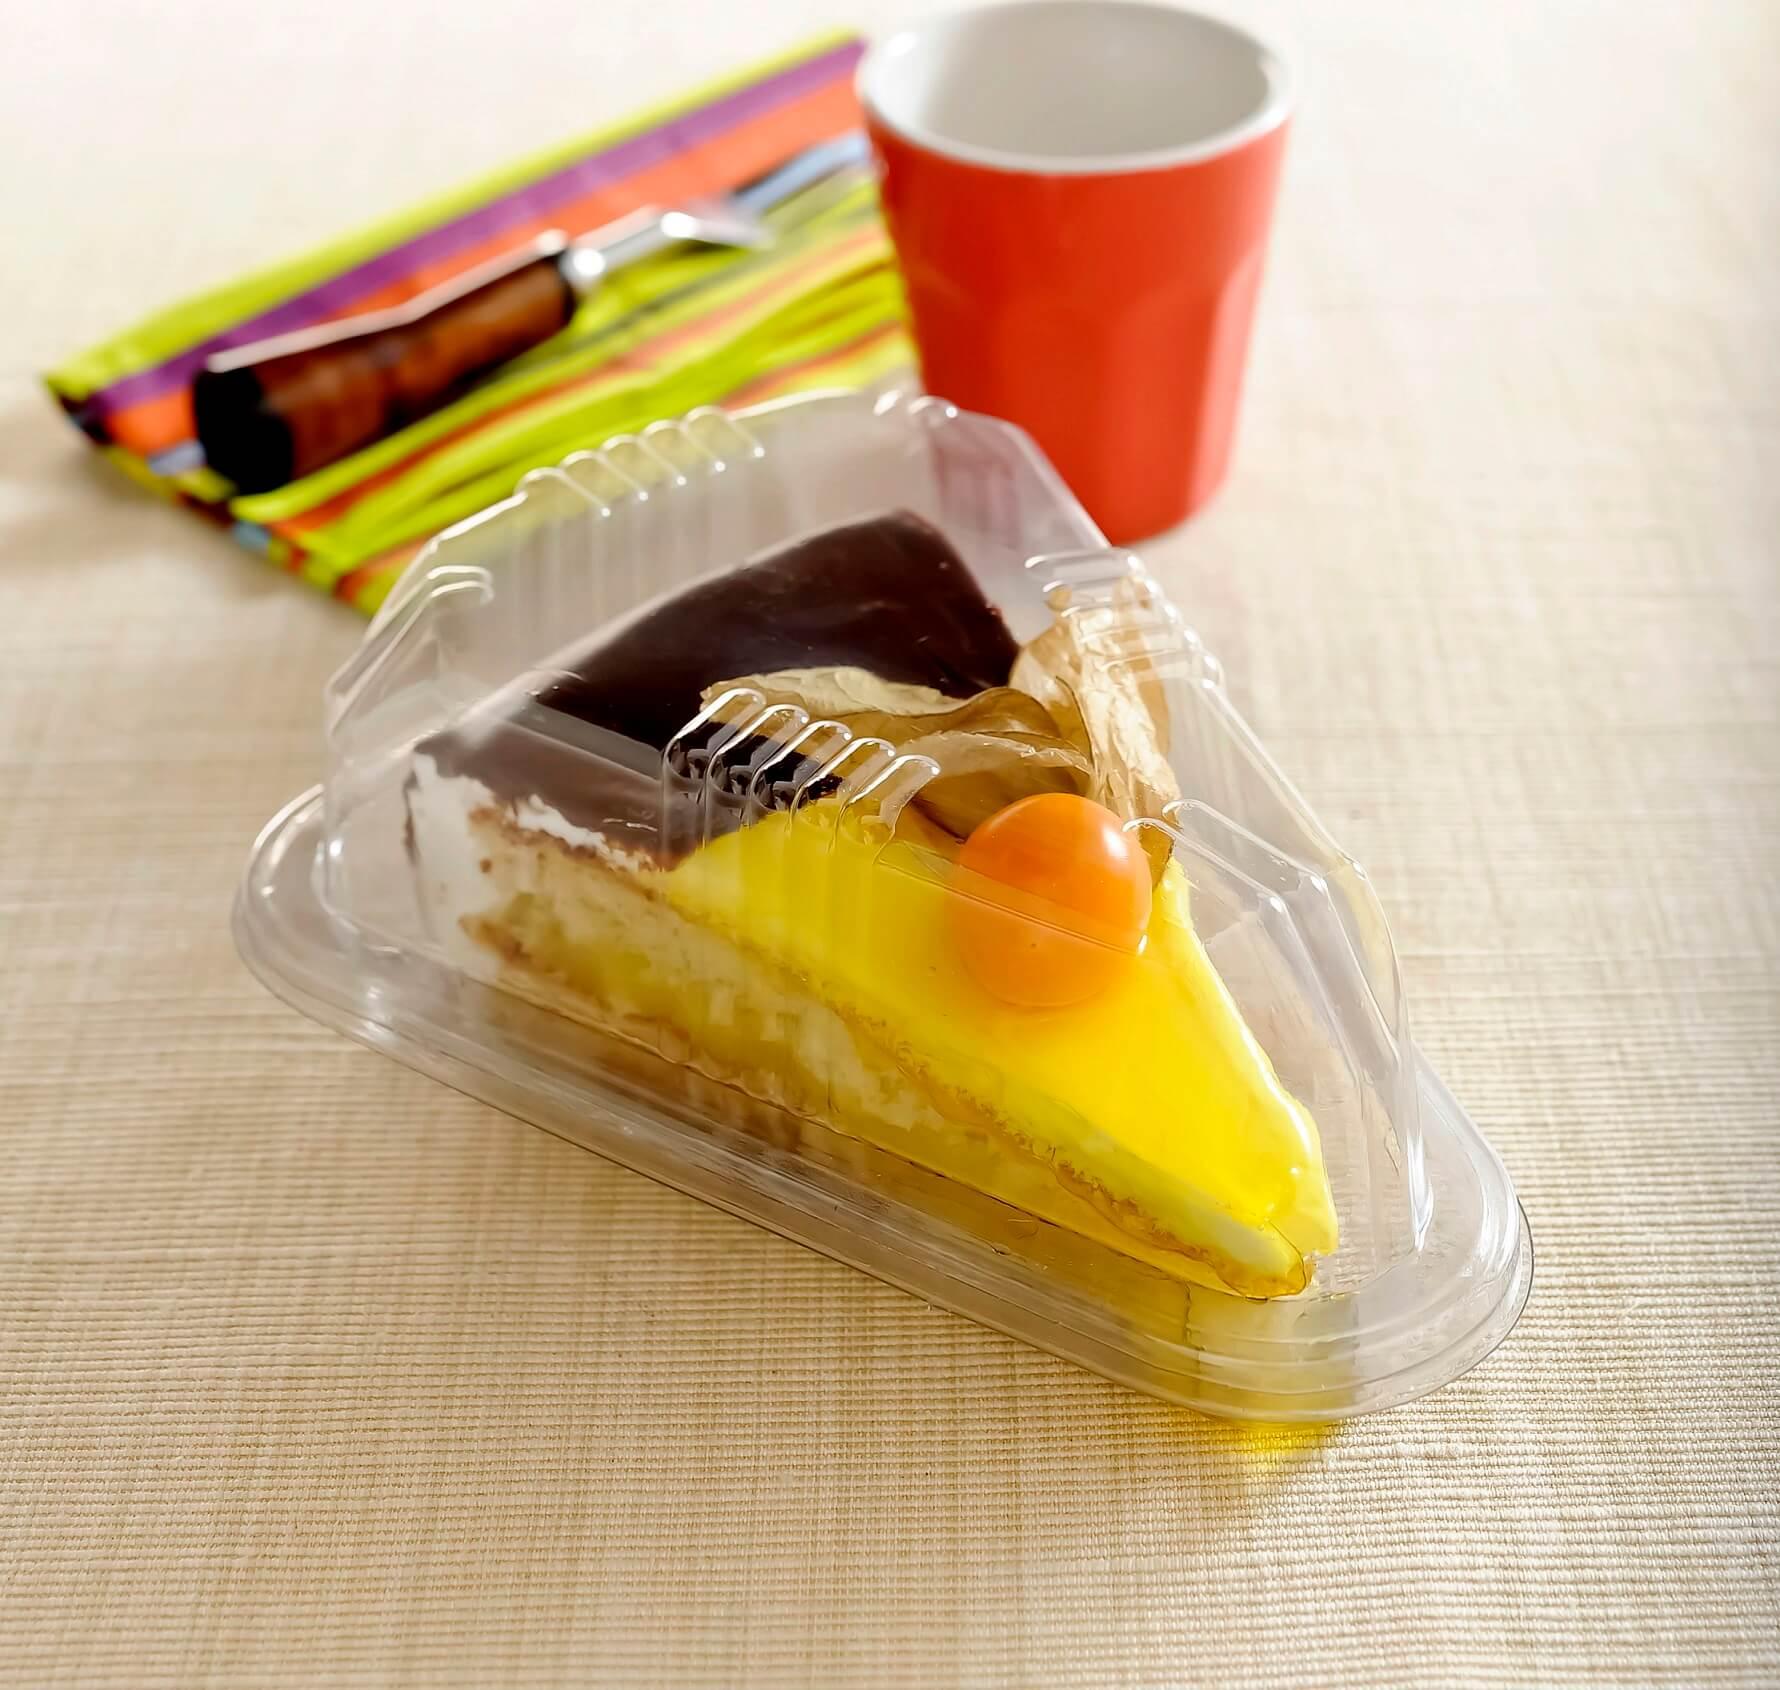 Embalagem para Fatia de bolo e torta 300 unidades - Galvanotek G630